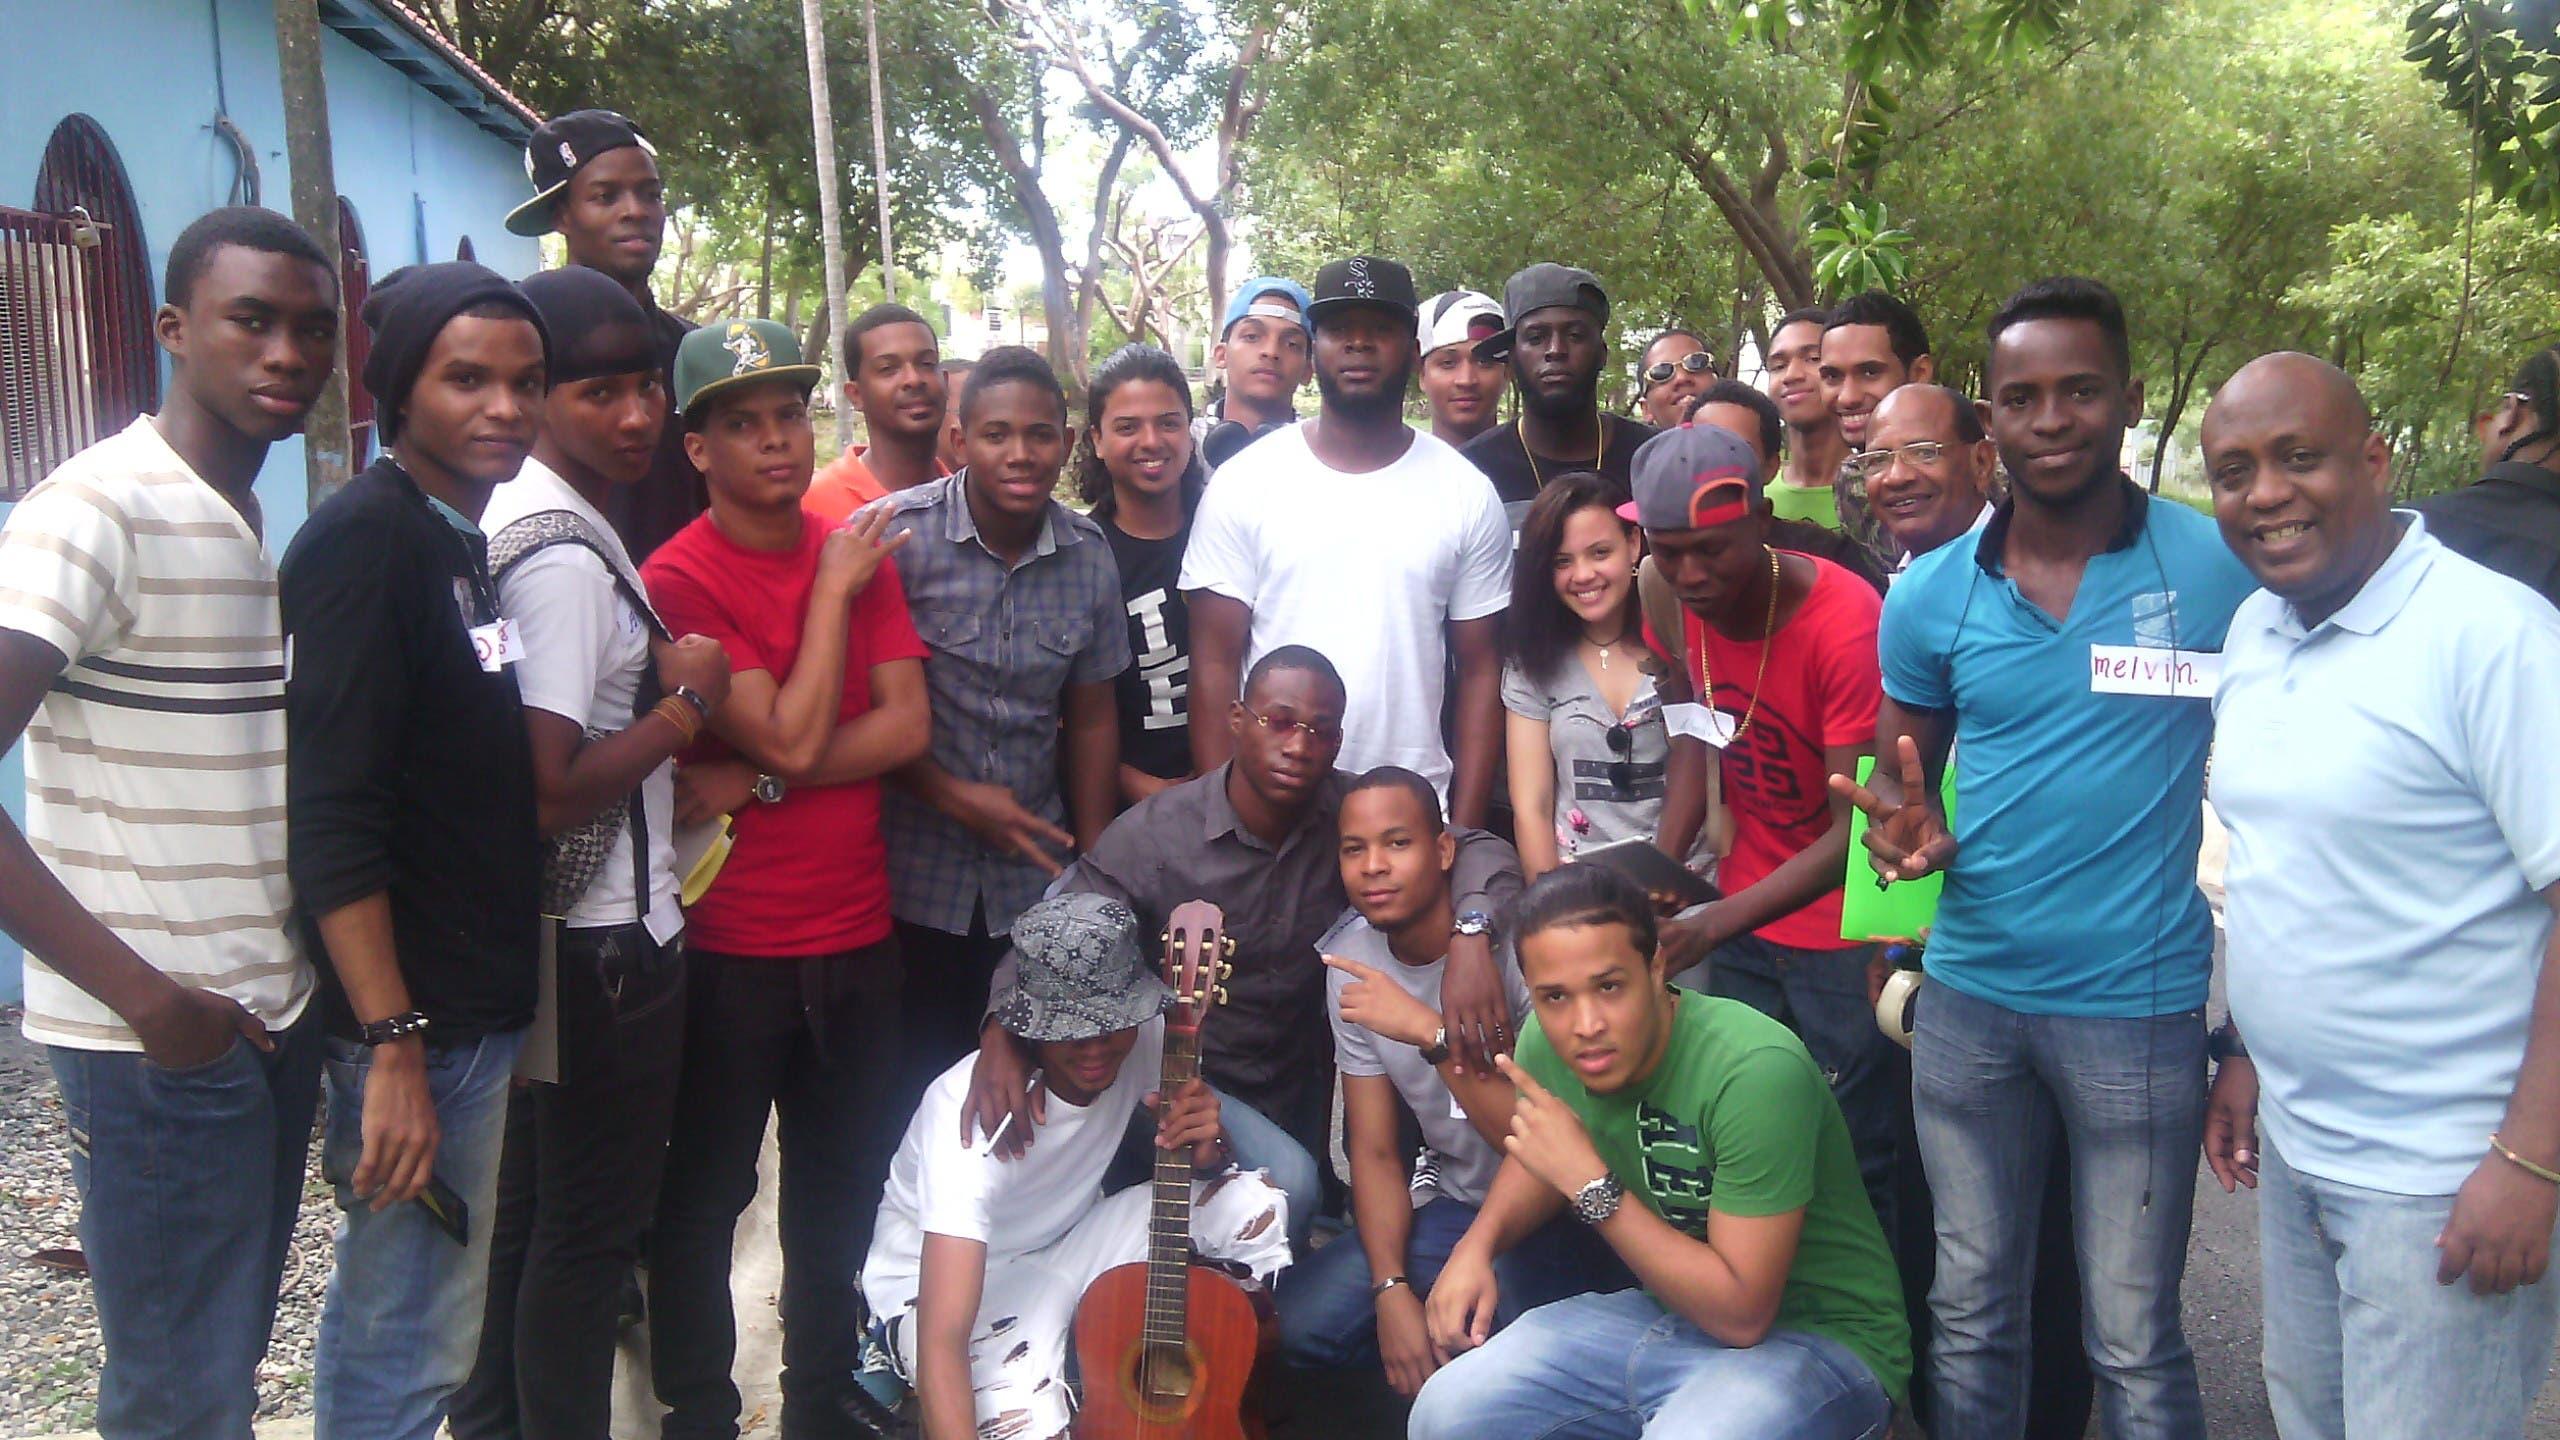 Música transforma vida de los jóvenes